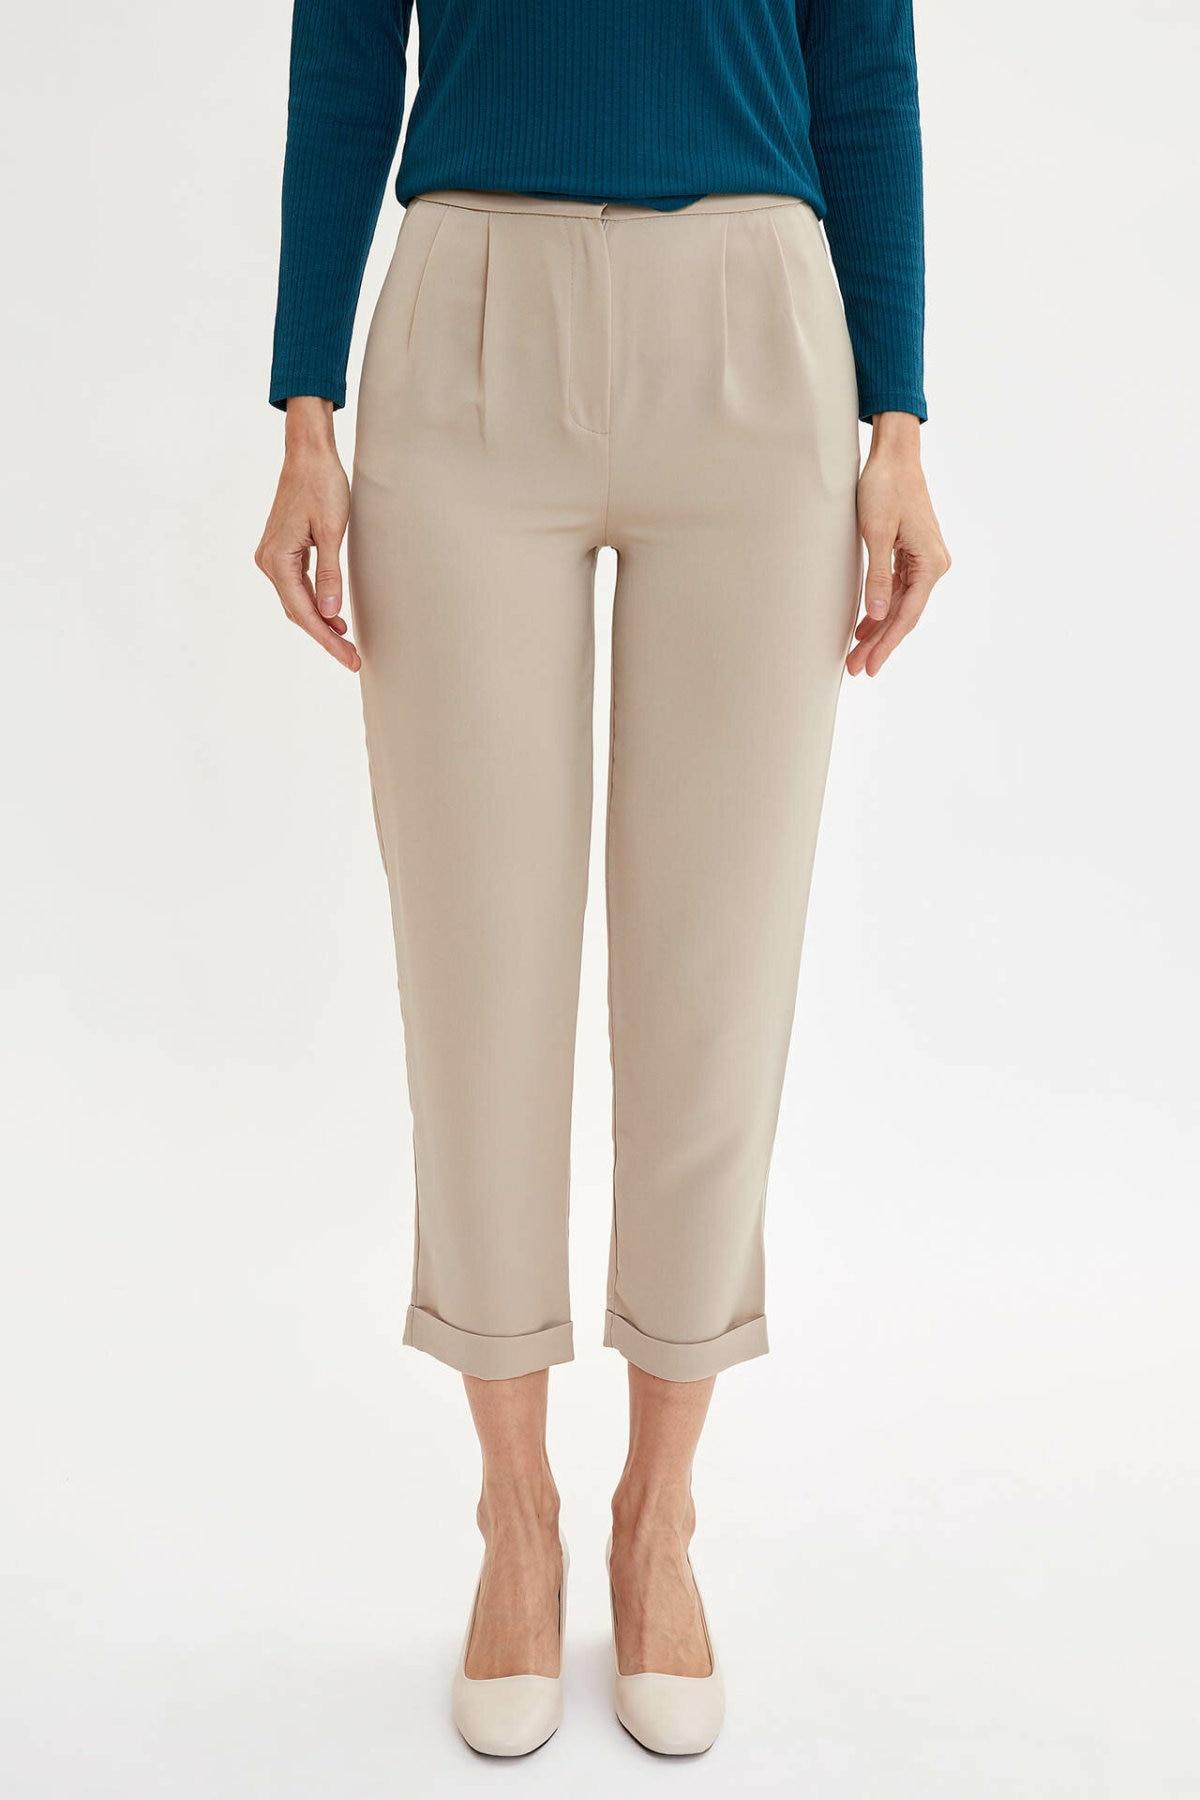 DeFacto Simple Woman Trousers Elegant Ladies Pure Color High Quality Crop Pants Female Fashion Joker Pants - M6287AZ19AU